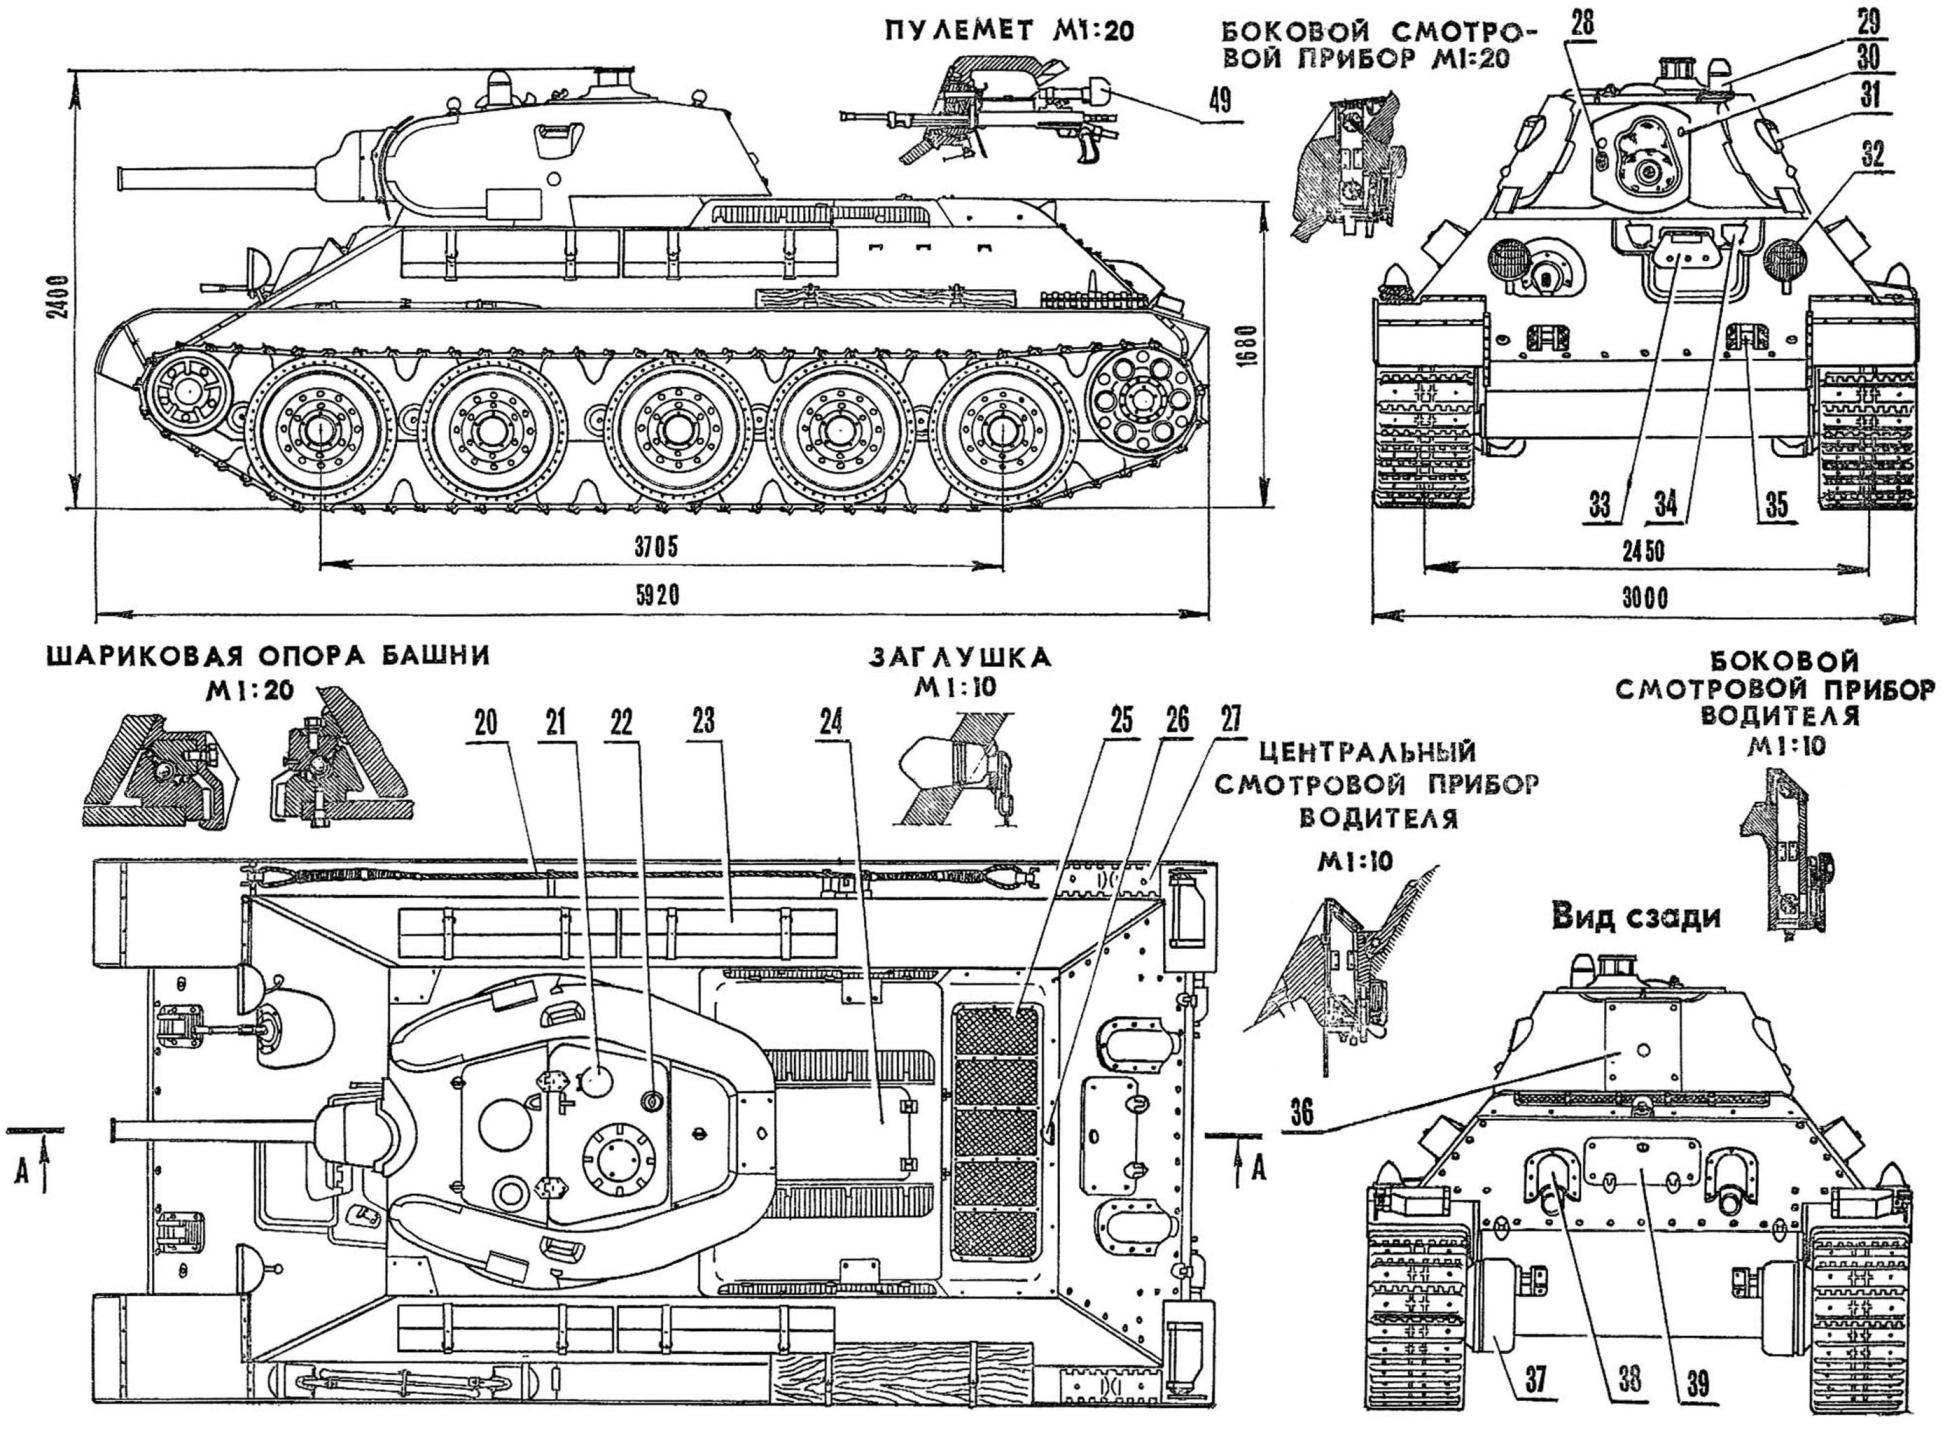 Средний танк Т-34 выпуска 1940 г.